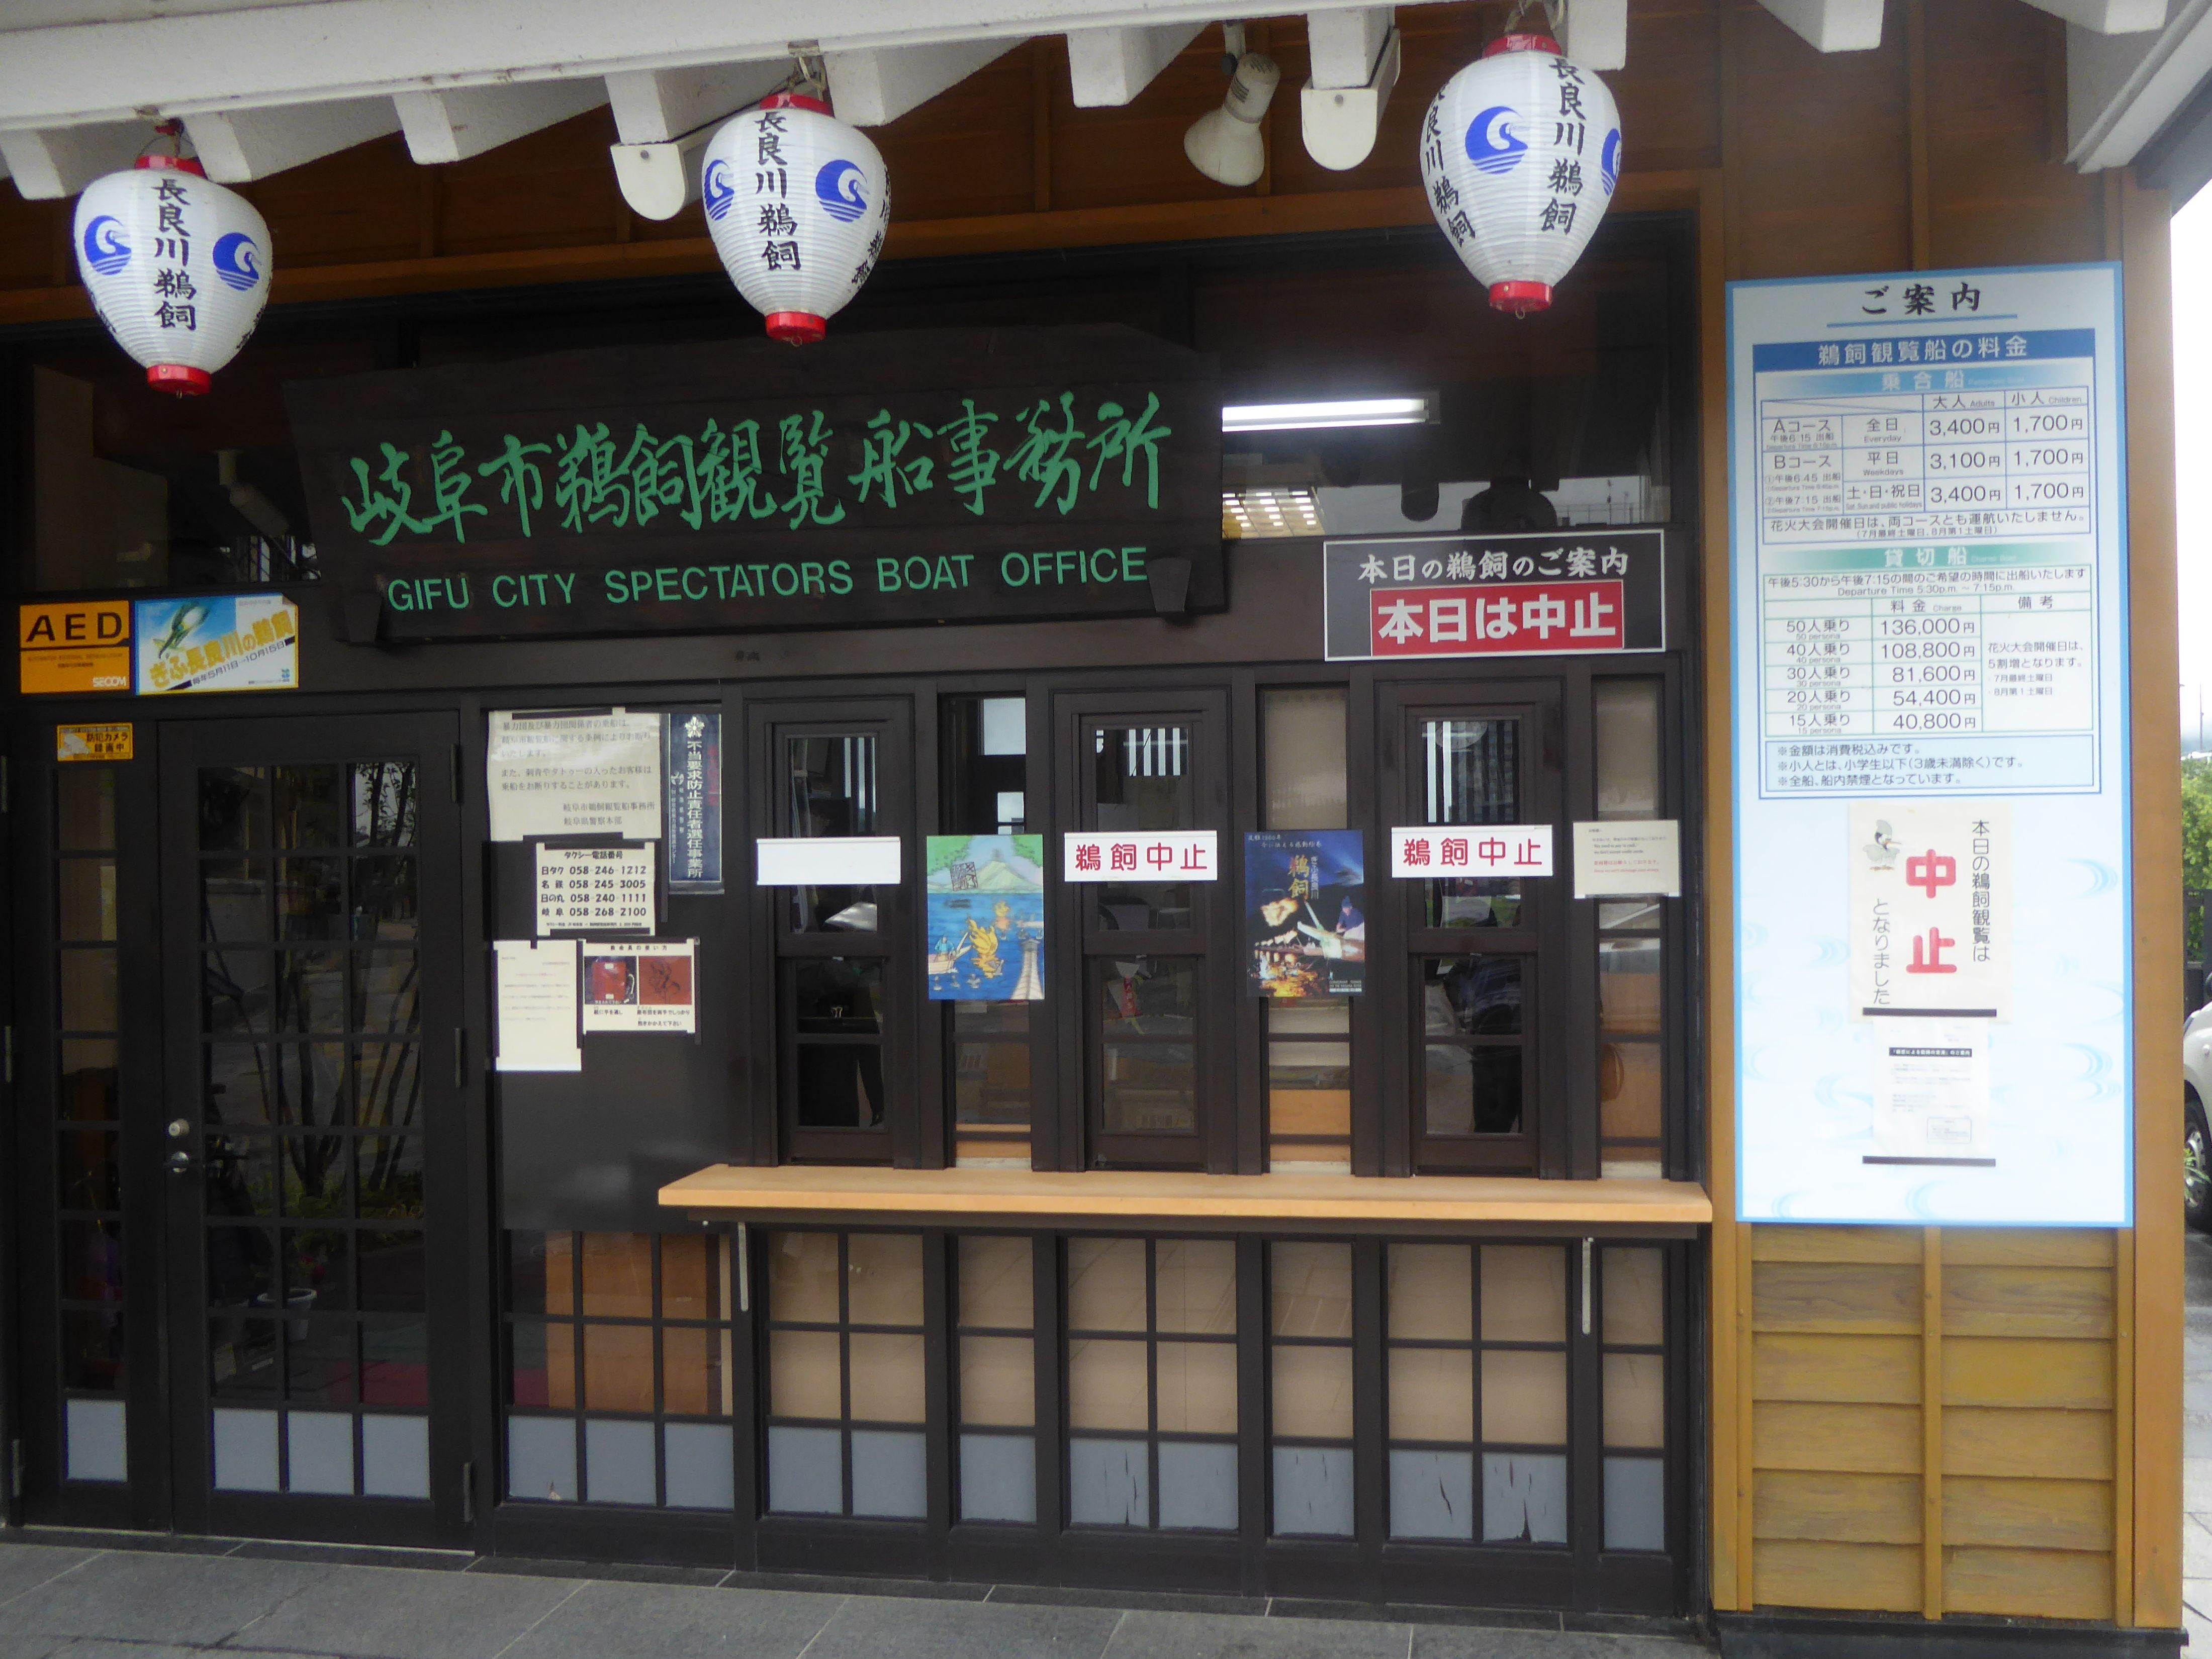 nagara02.jpg